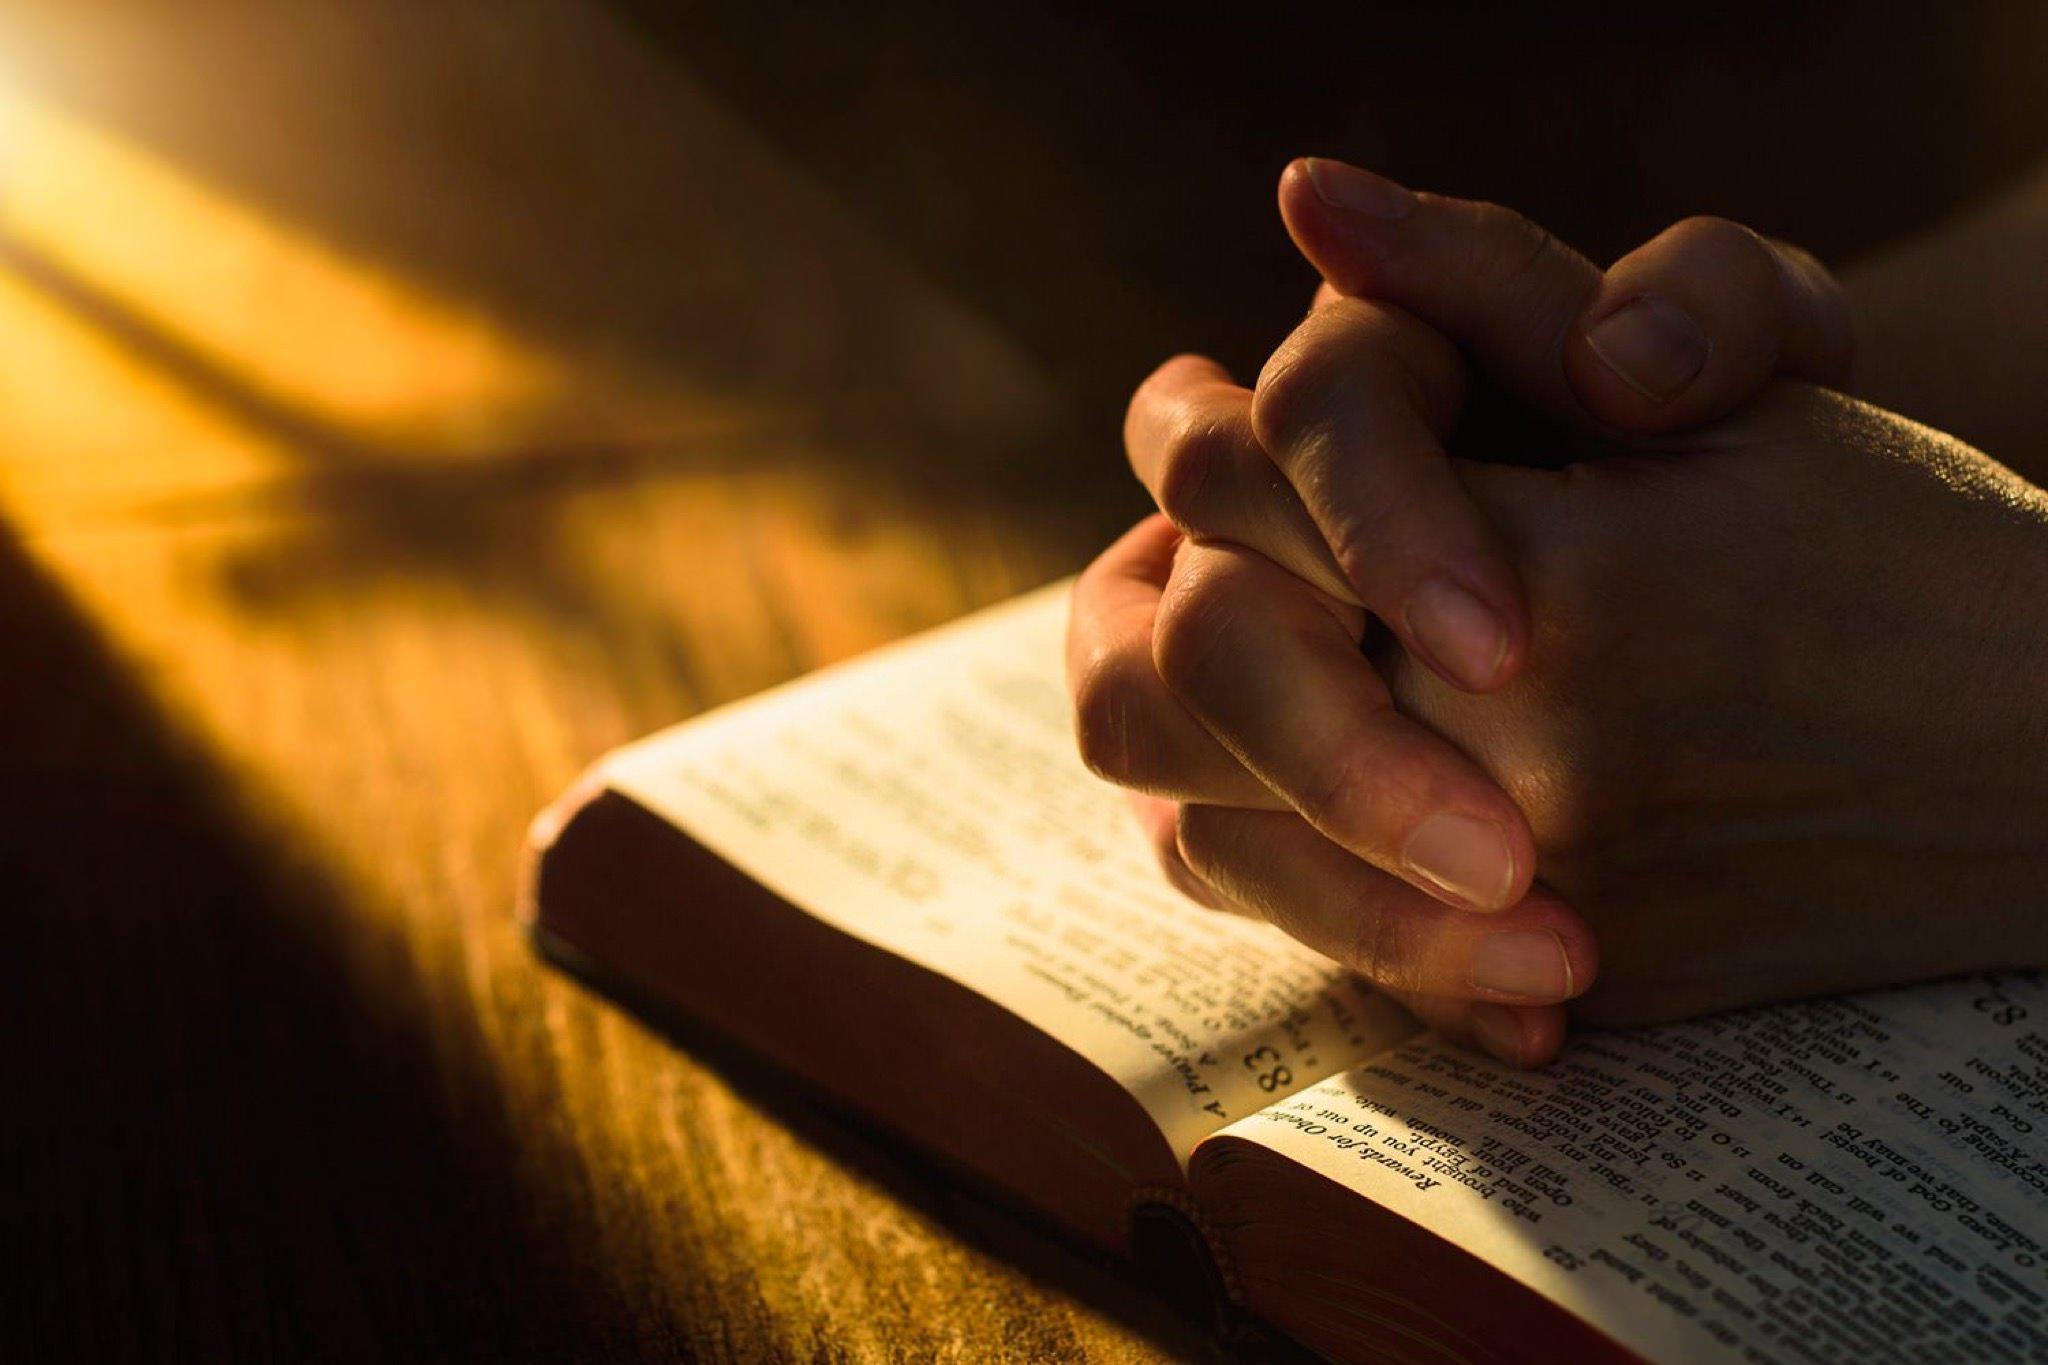 Молитва во время пандемии коронавируса